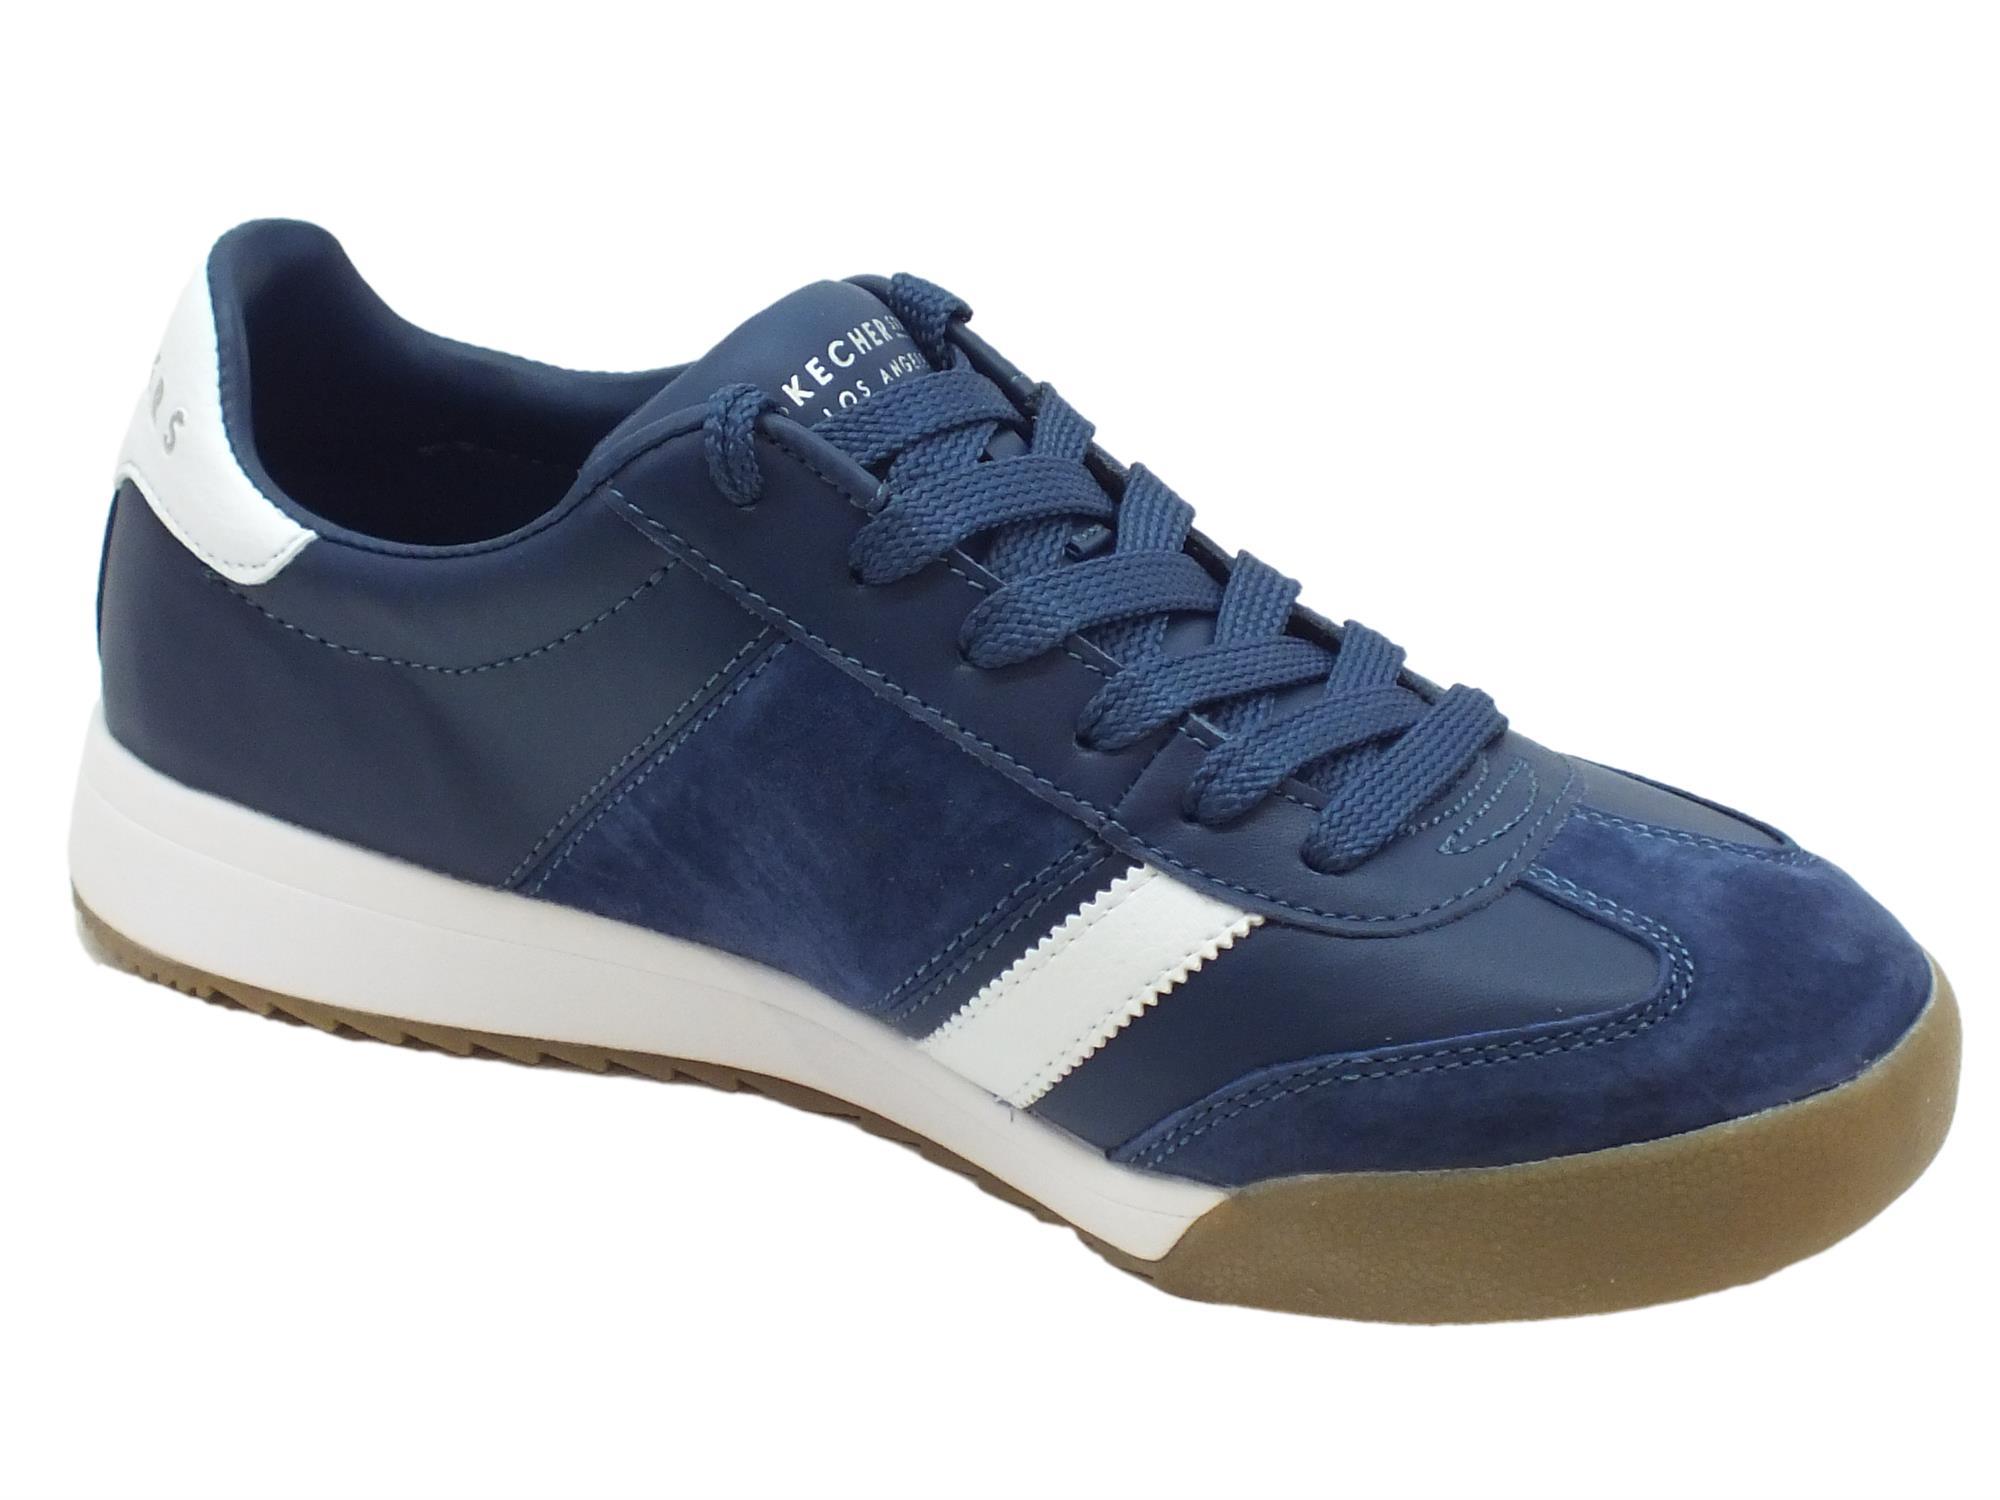 Scarpe sportive Skechers Los Angeles uomo camoscio blu - Vitiello ... e265bd7aaf5